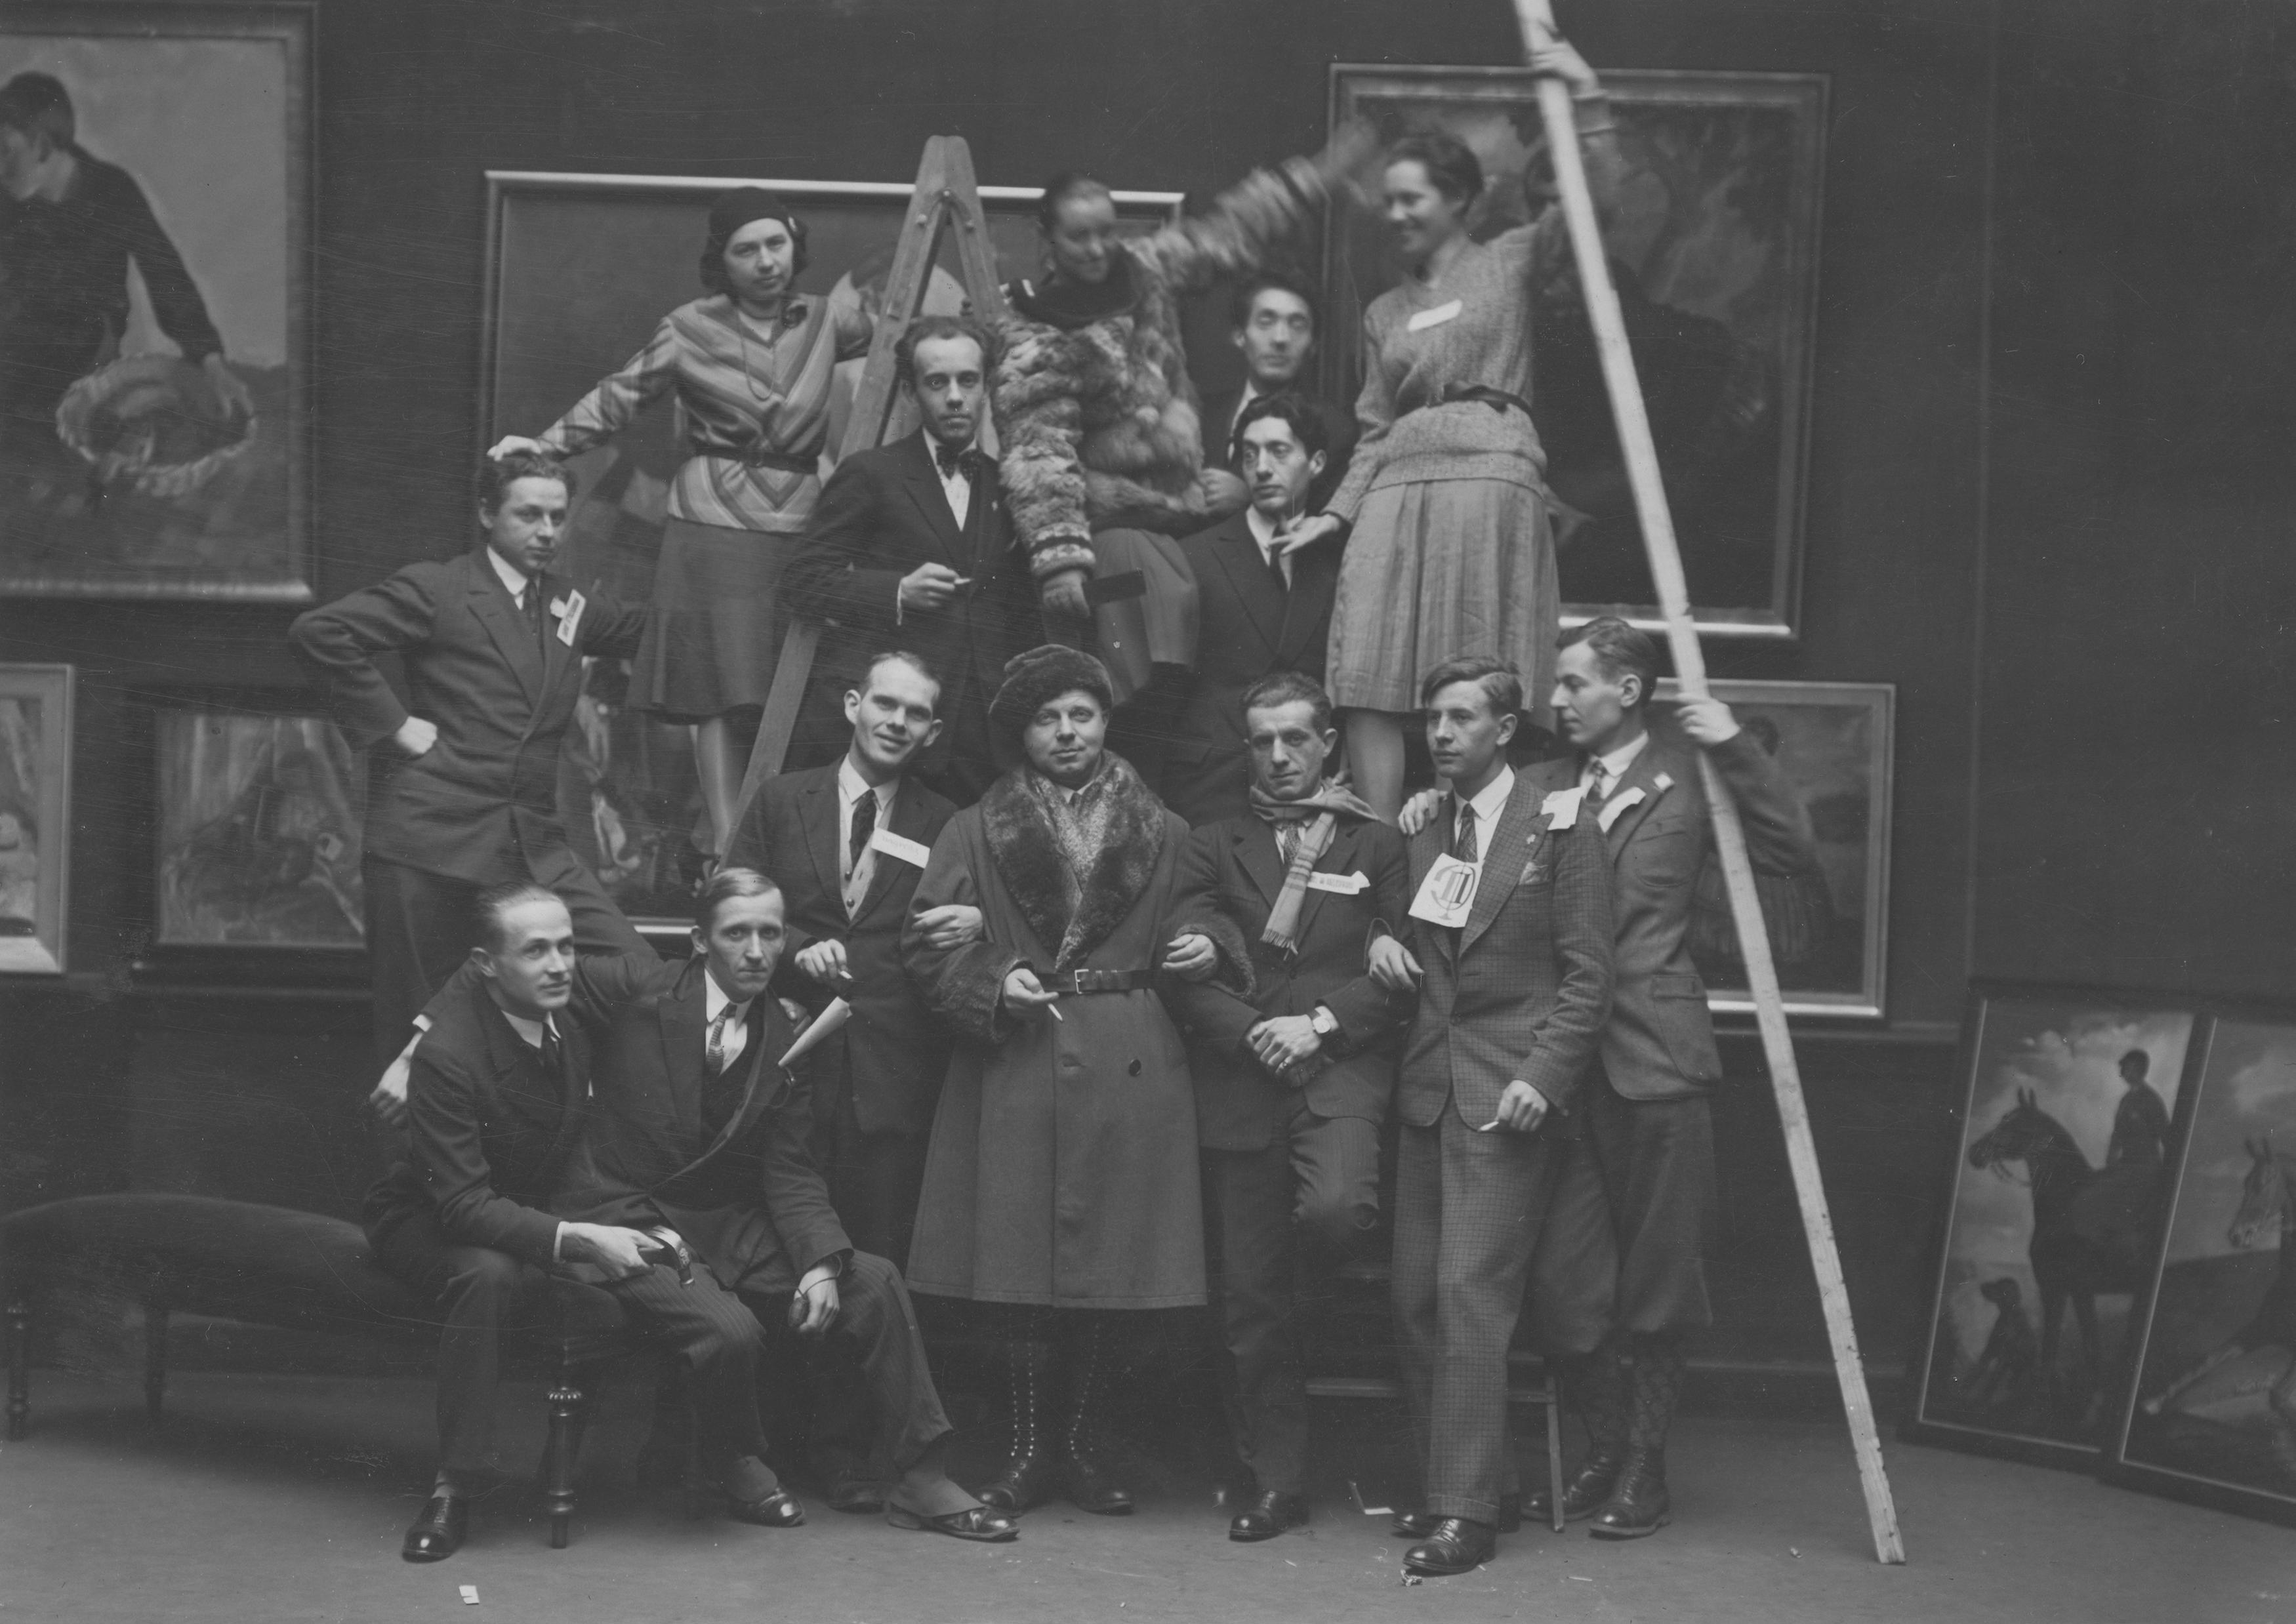 Grupa uczniów Taduesza Pruszkowskiego, który sam stoi w środku w palcie i futrzanej czapce, lata 30. XX wieku, źródło: Narodowe Archiwum Cyfrowe